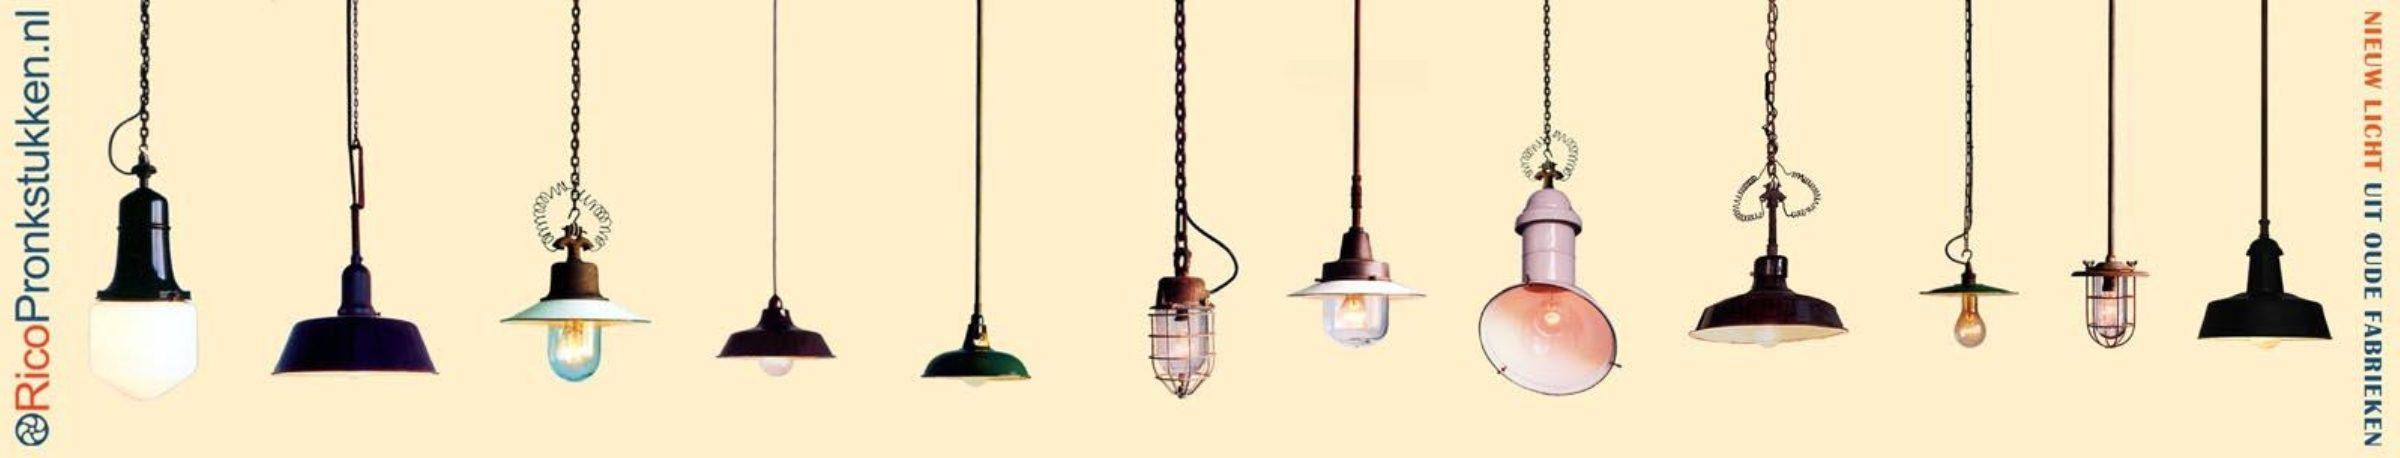 Lichtatelier Enschede